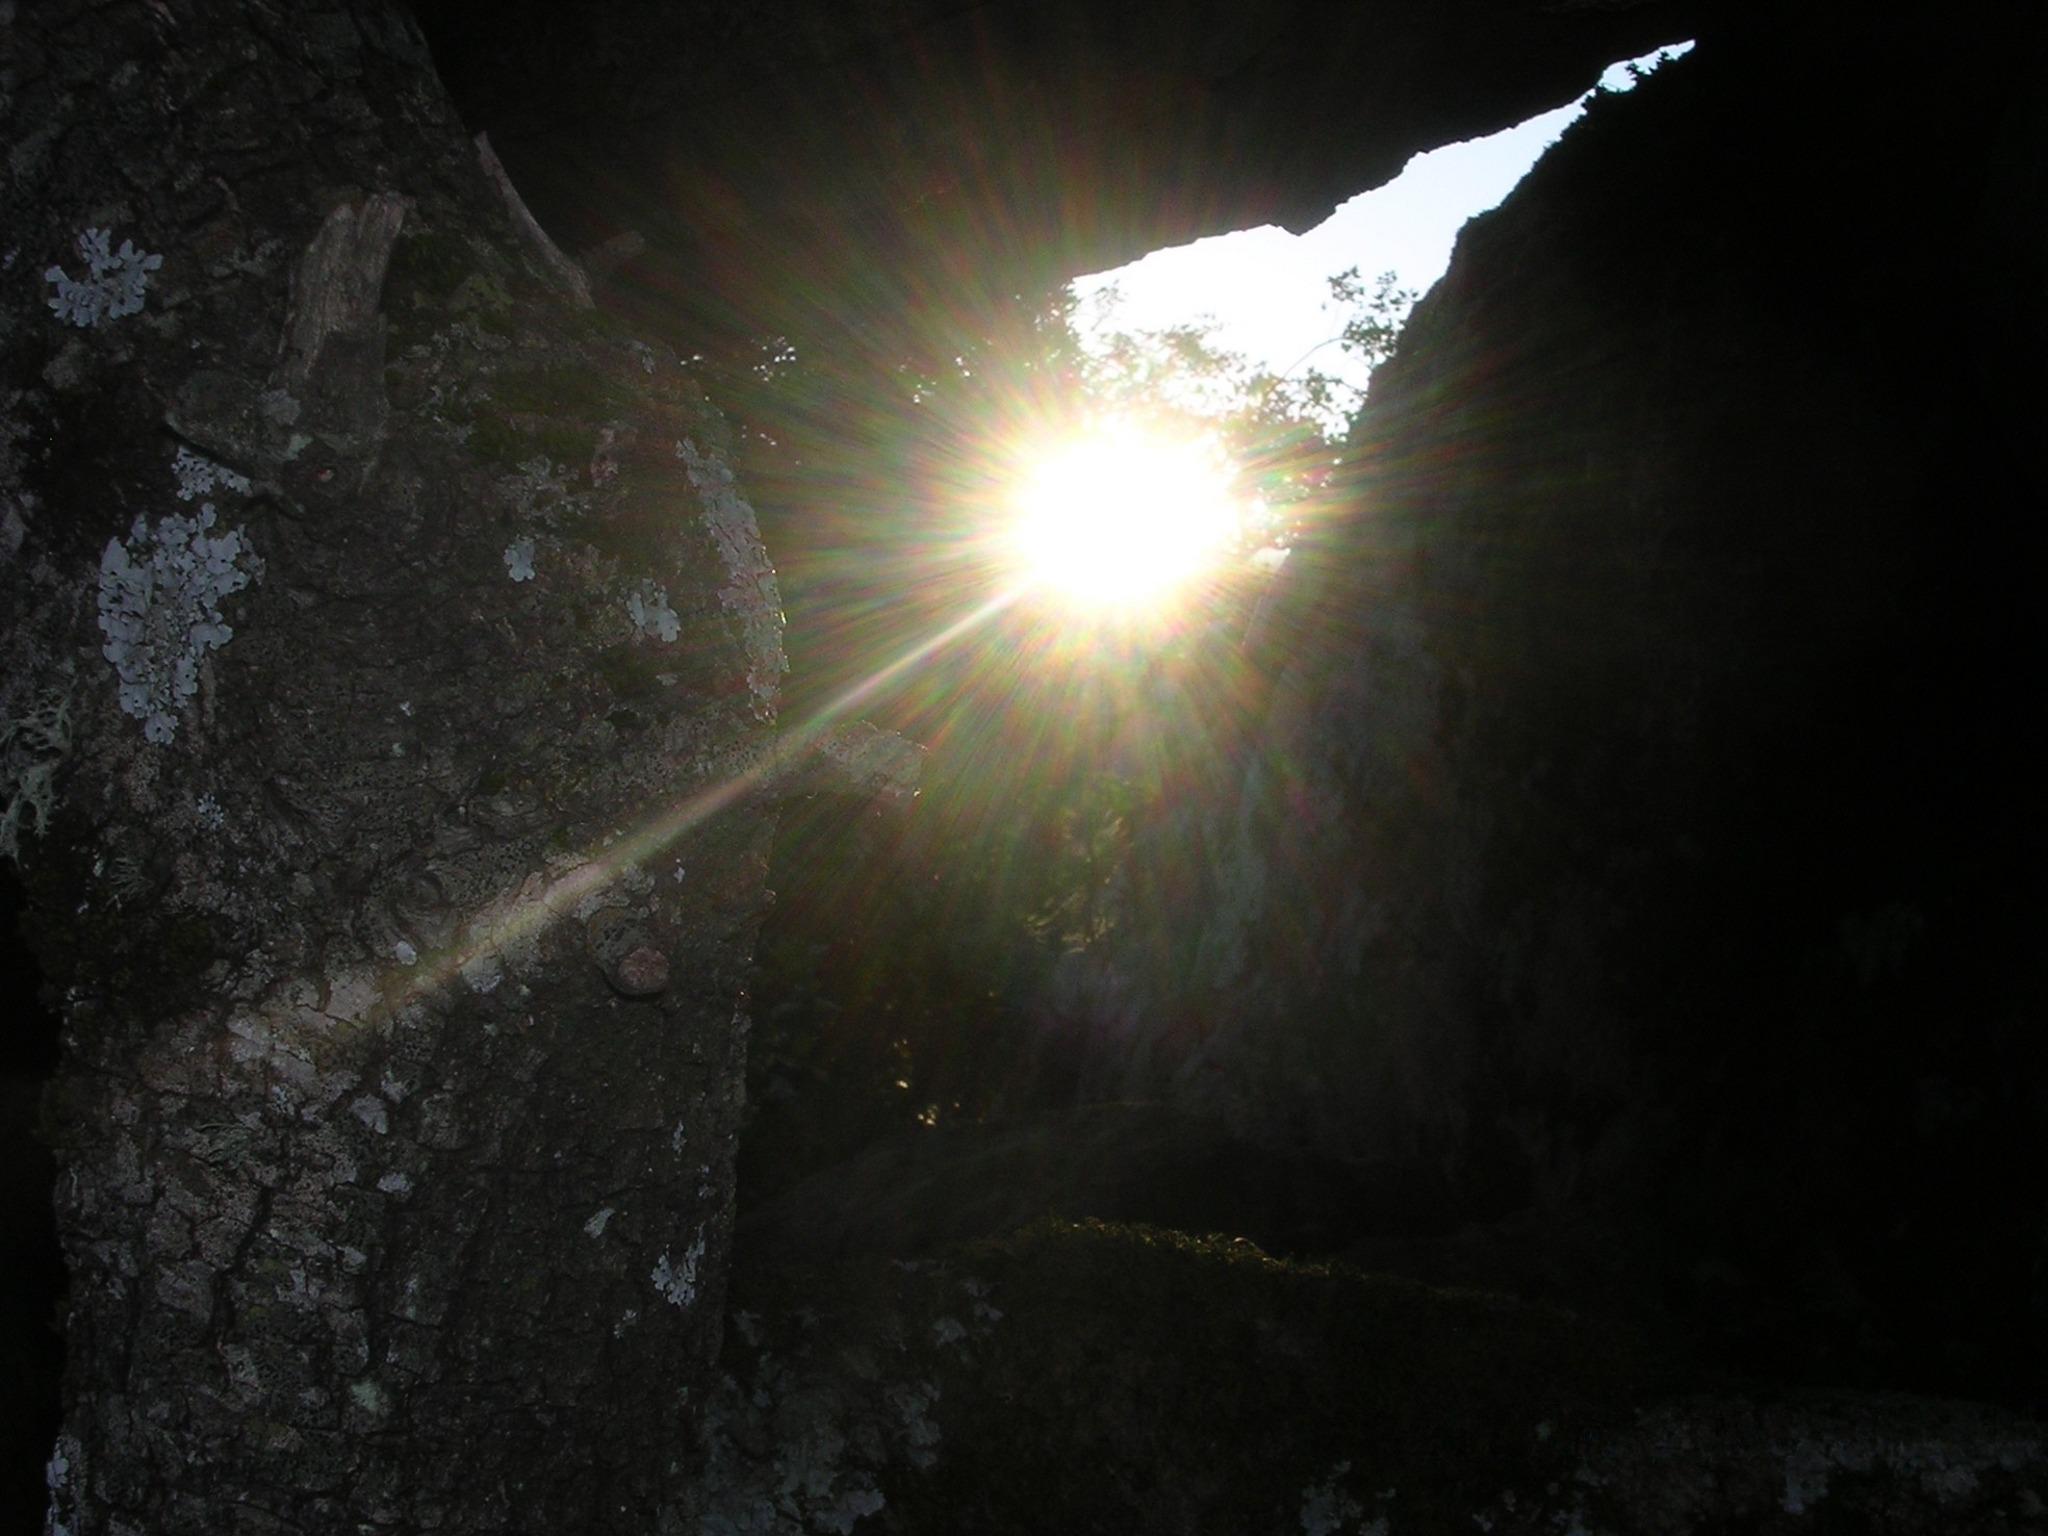 An image of the first sunbeam of the solstice under Arcu di l'Ursini of Carticasi by Ghjseppu.